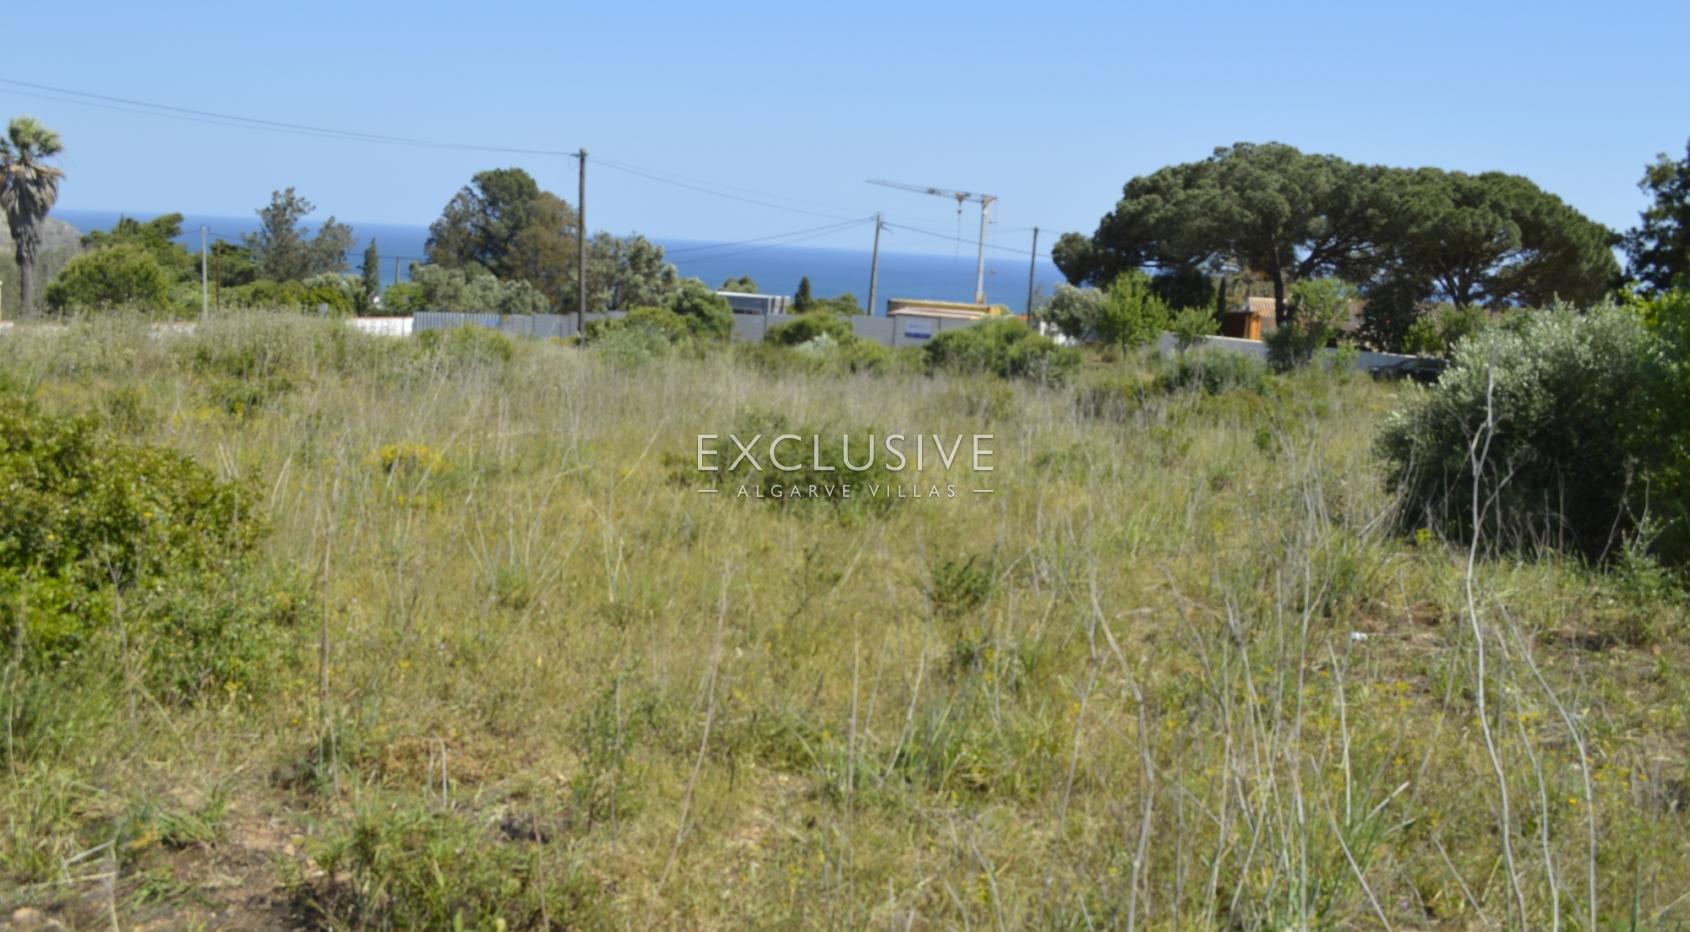 Grande lote de terreno com vista mar para venda na Luz Lagos, Algarve_1